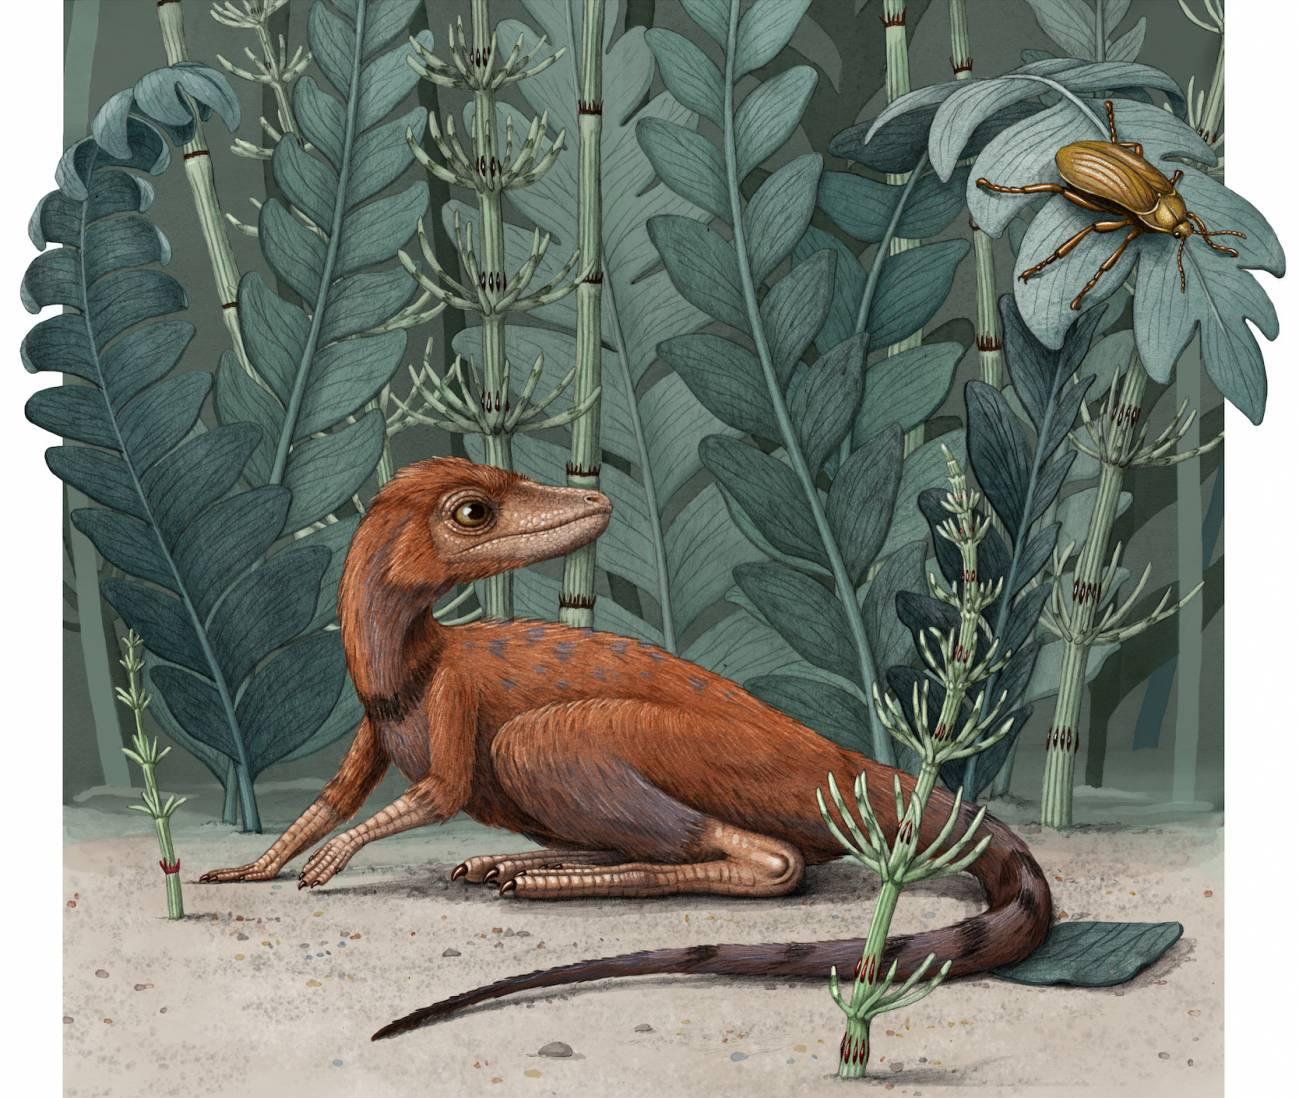 Descubierto un minúsculo pariente de los dinosaurios